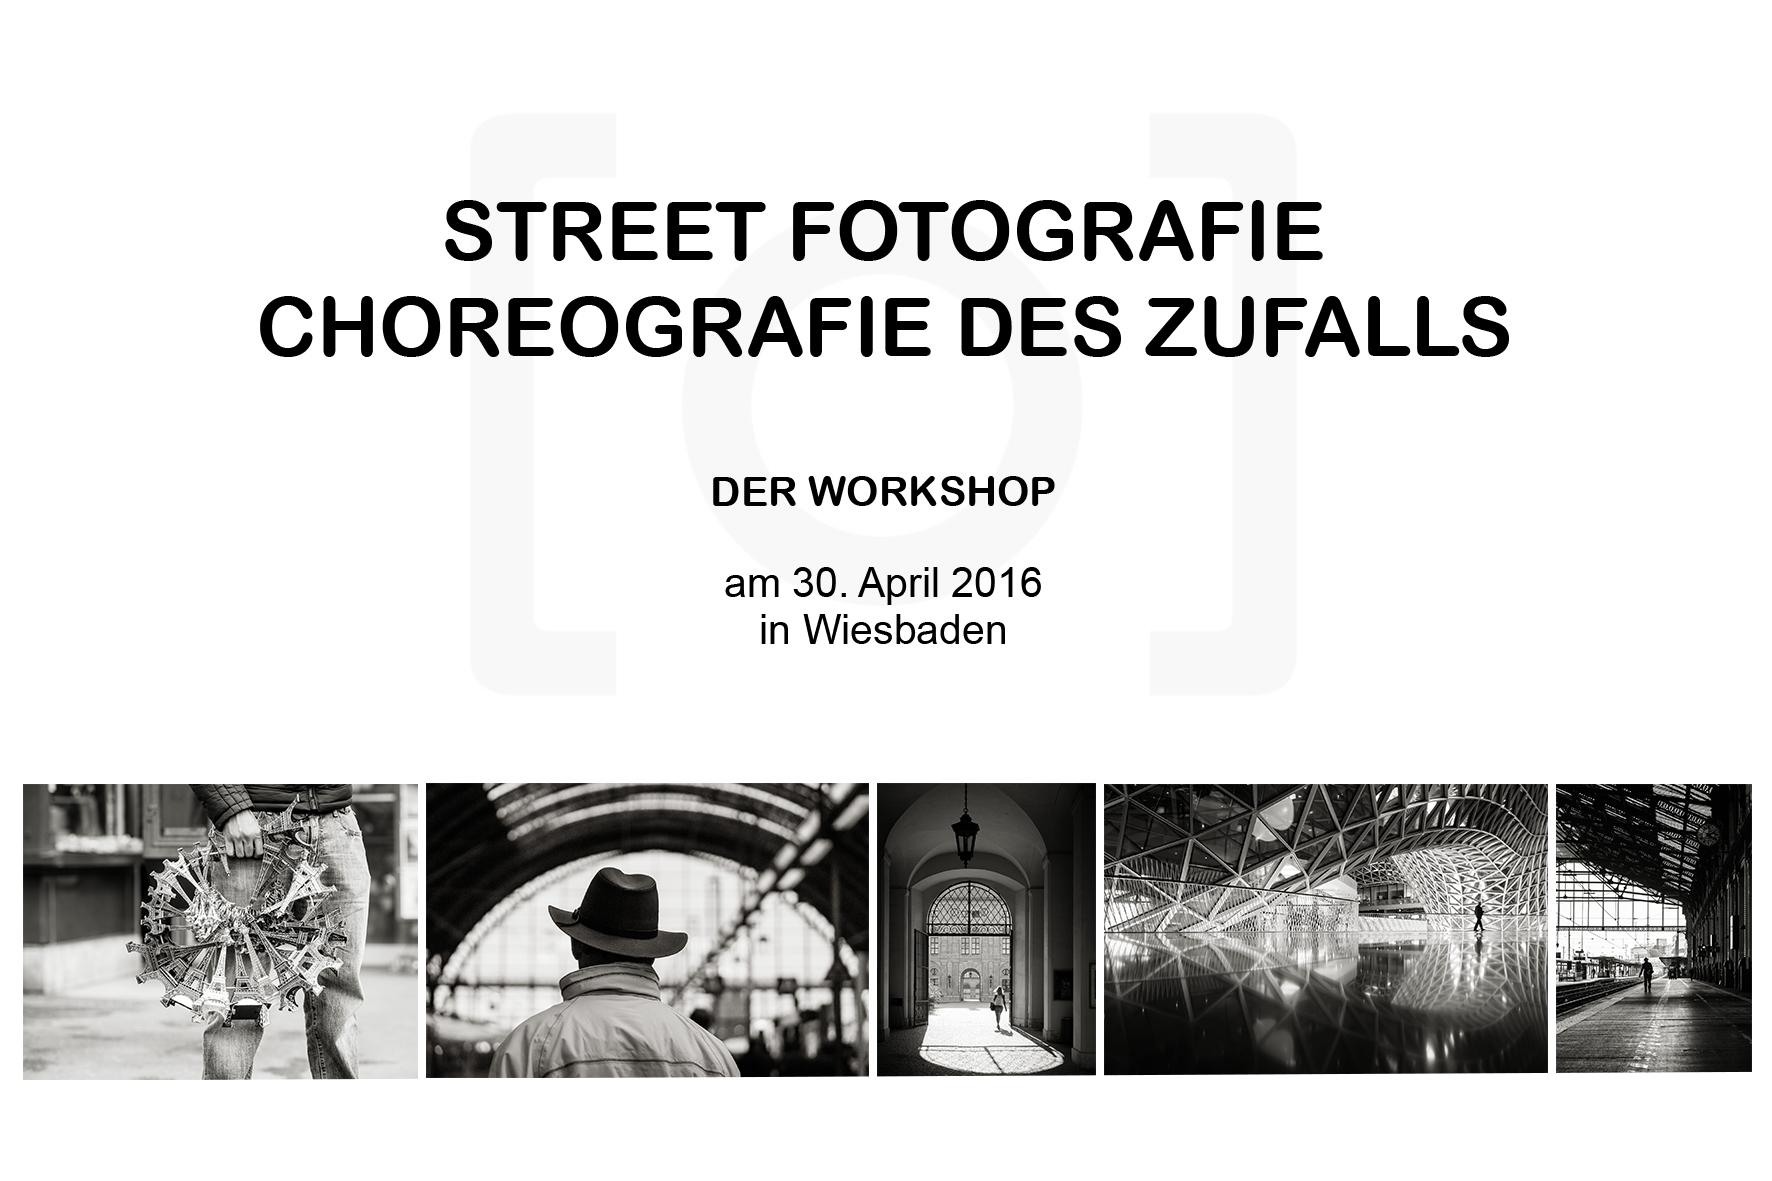 querformat-fotografie - Achim Katzberg - Street Fotografie - DER WORKSHOP - WS-Wiesbaden_April_2016_Flyer_ohne_logo